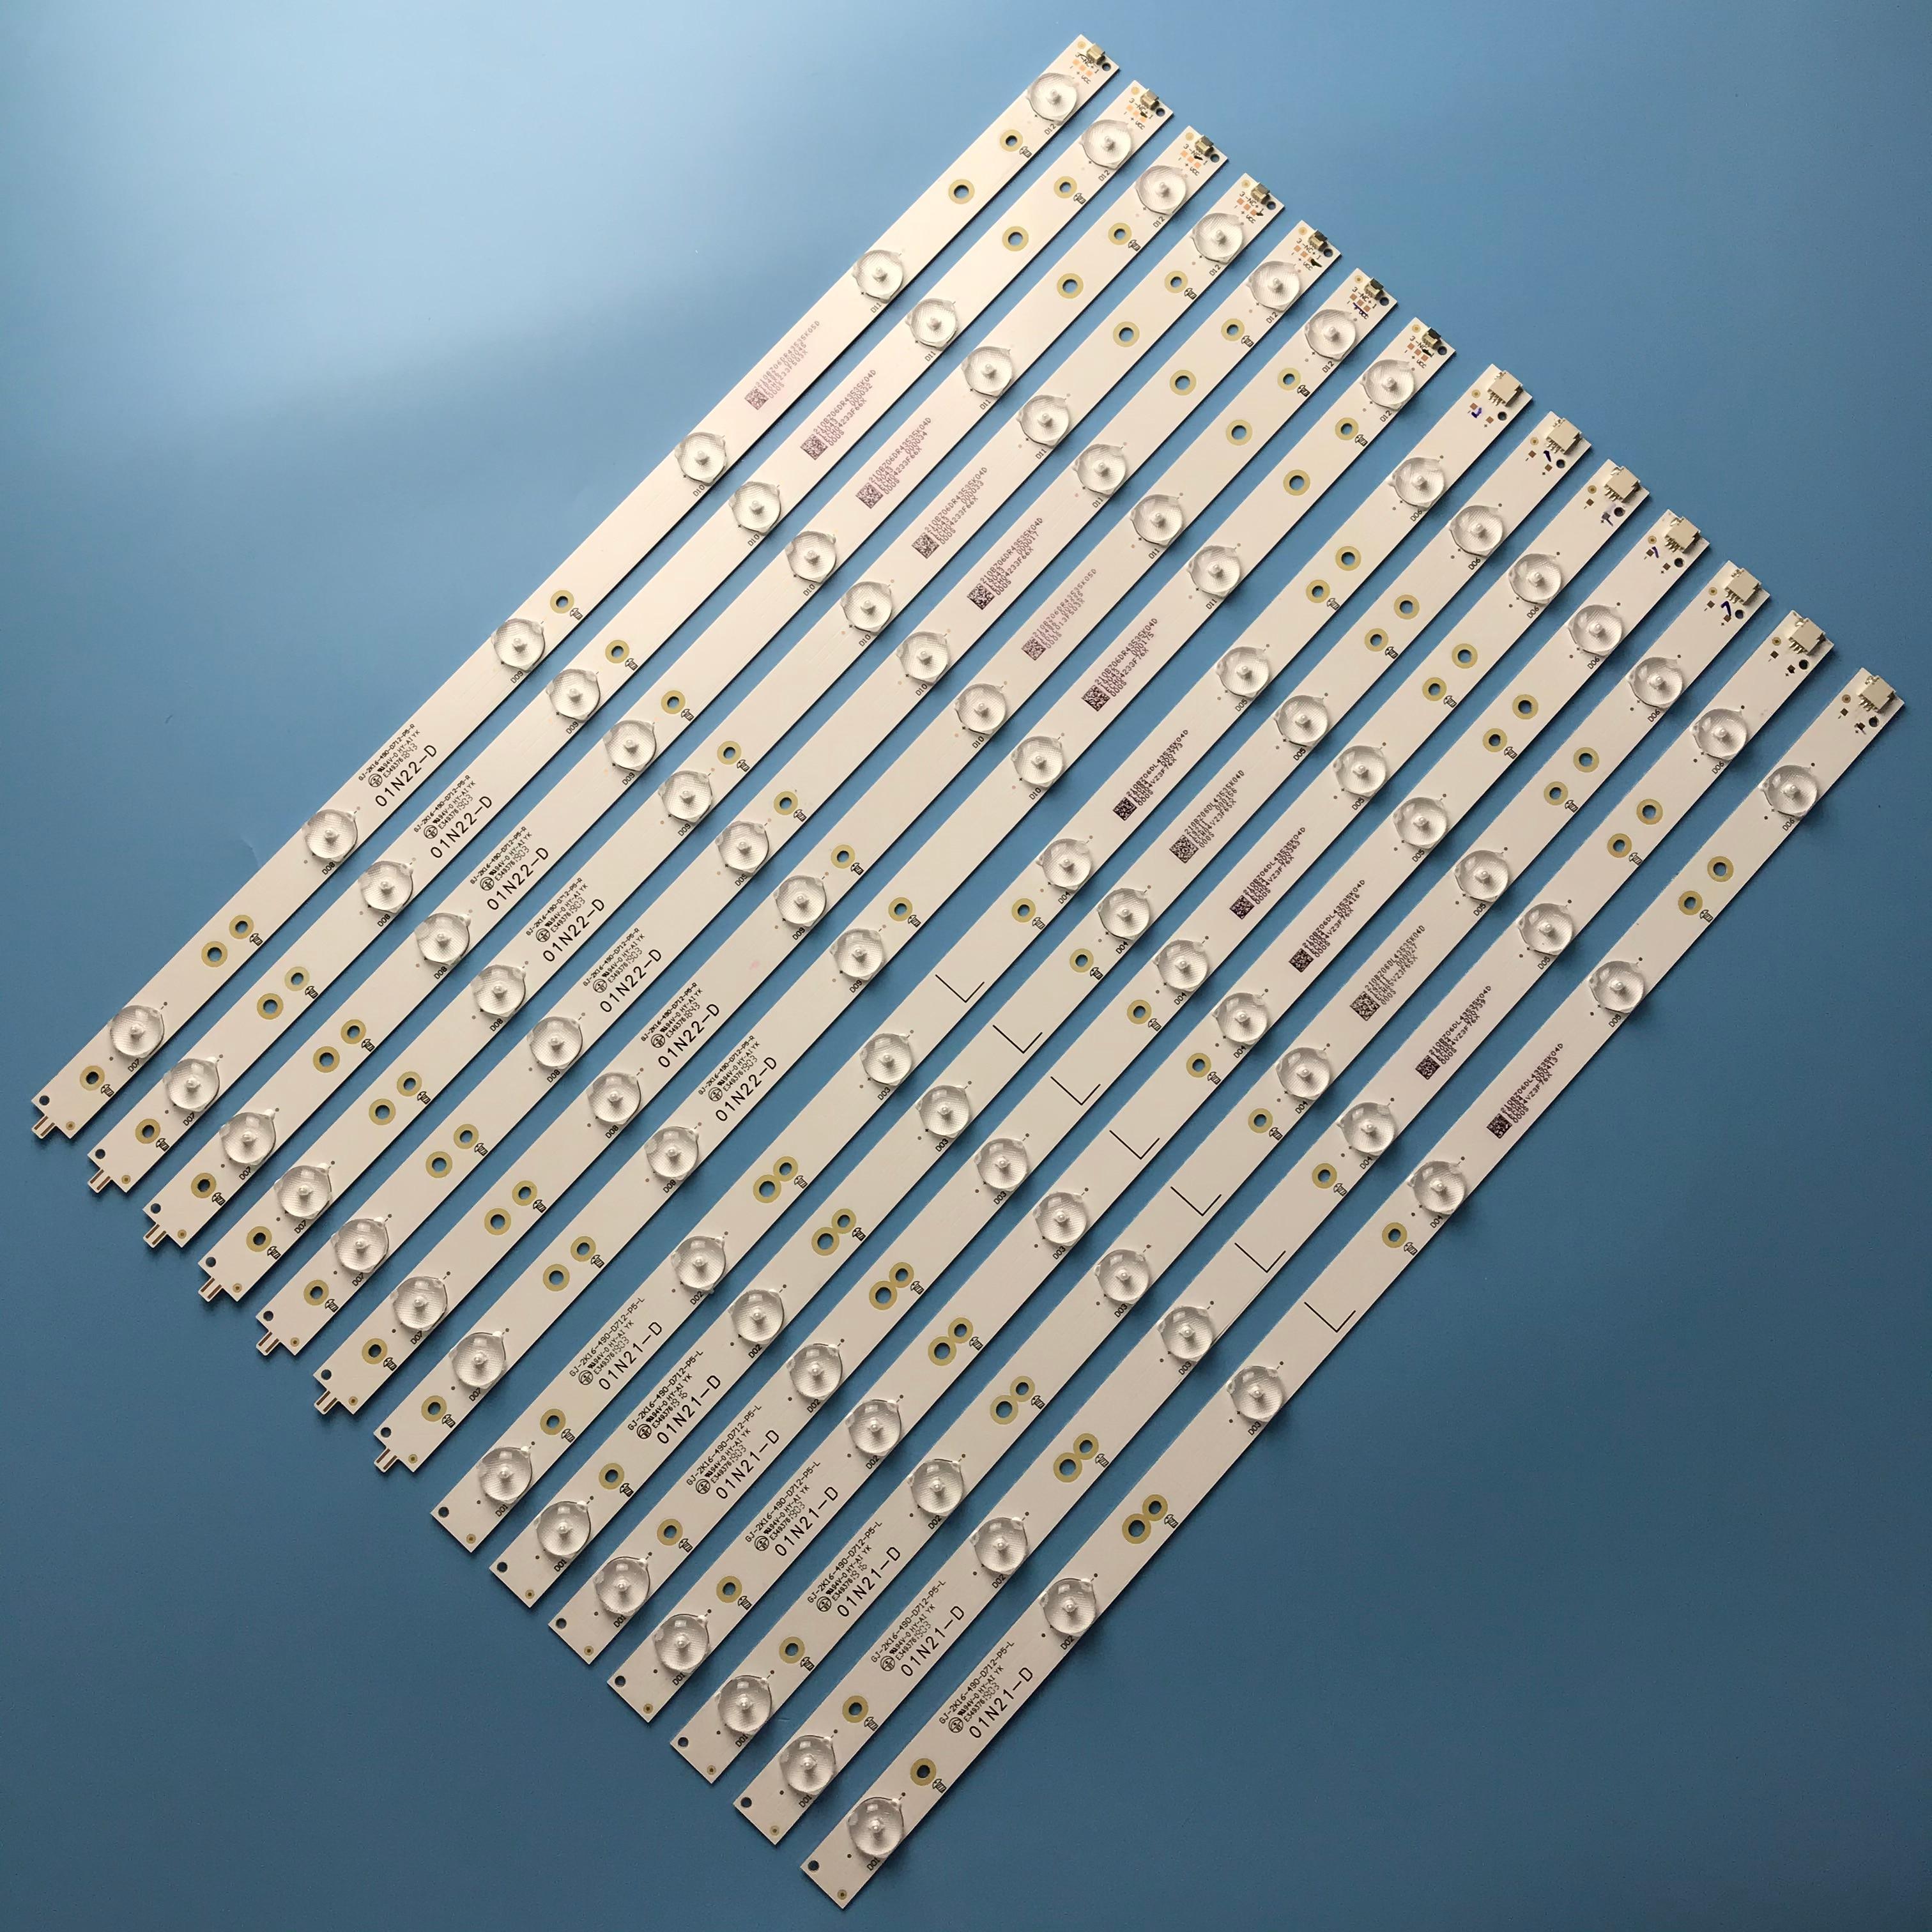 LED Backlight Strip 6+6leds GJ-2K16-490-D712-P5-L+R For Philips 49'' 49PUS6401 49PUS6501 49PUH6101 49PUS6561/12  49PUS6101/12